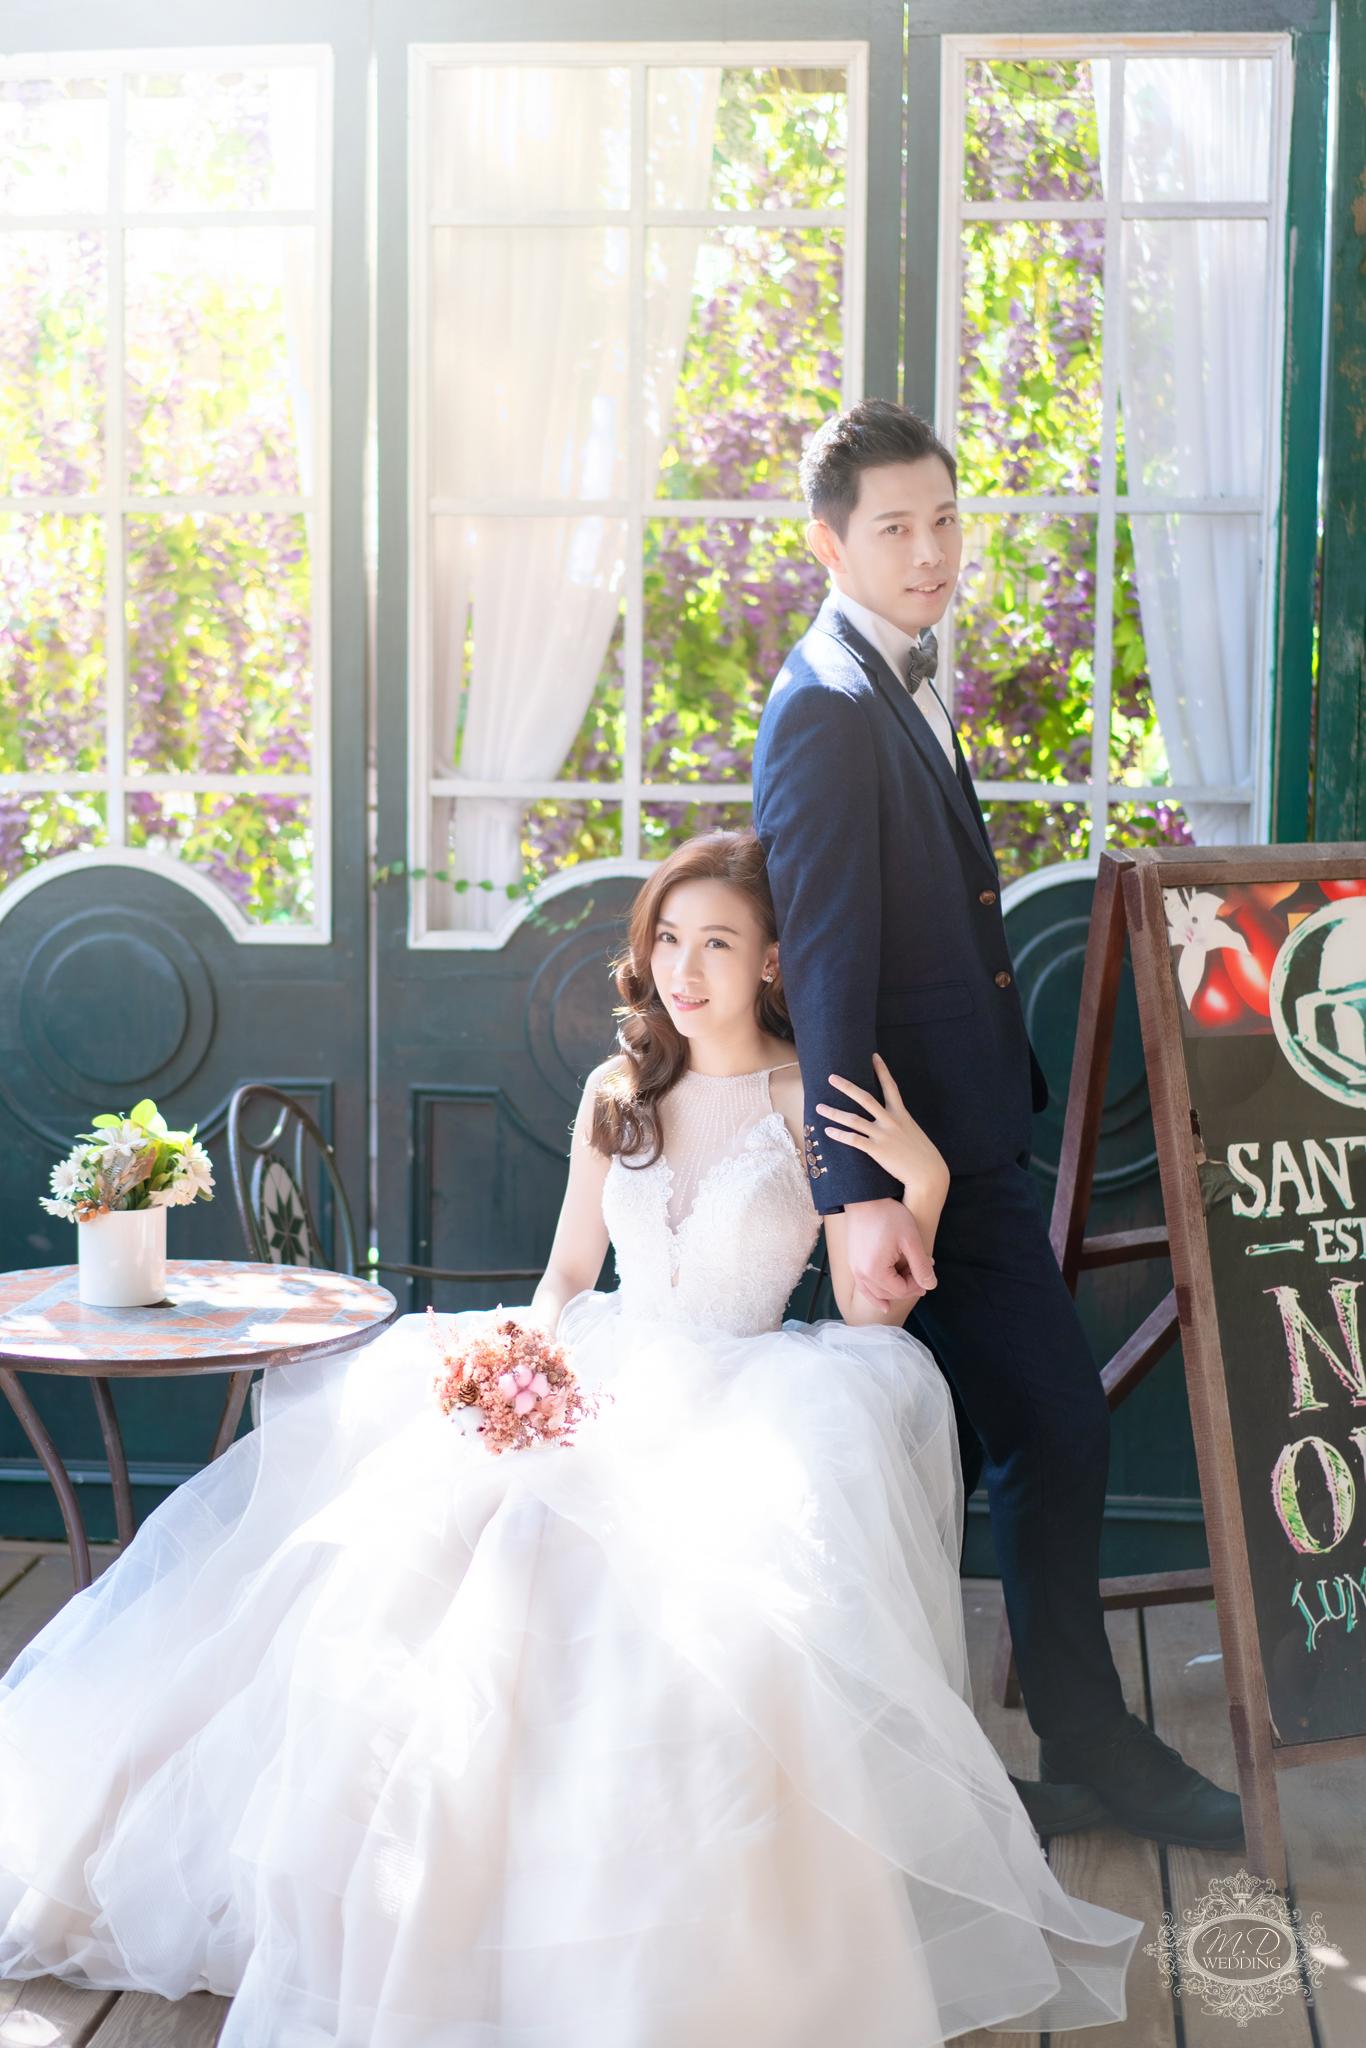 淡水莊園婚紗基地 夢幻童話森林 浪漫風格 逆光婚紗 台北婚紗推薦 韓系小清新婚紗